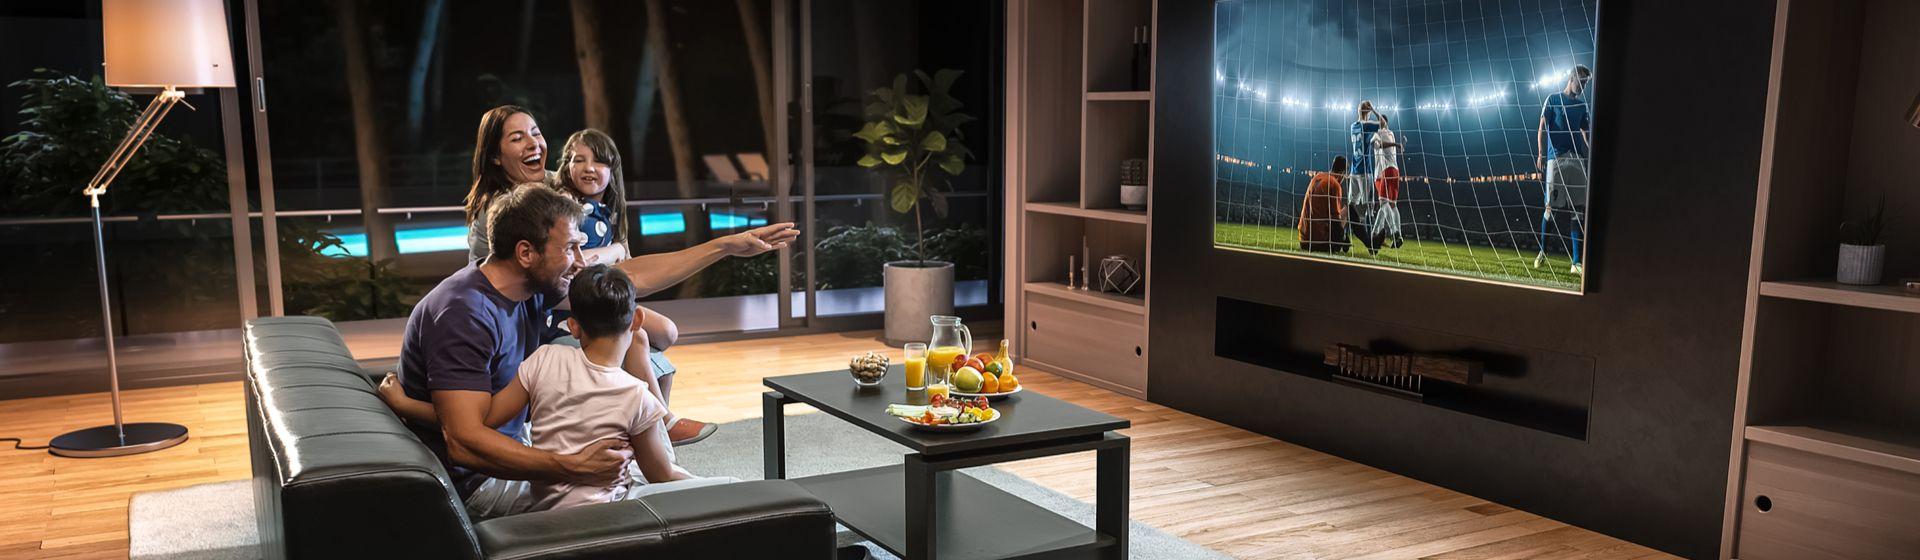 Qual deve ser a distância entre TV e sofá?